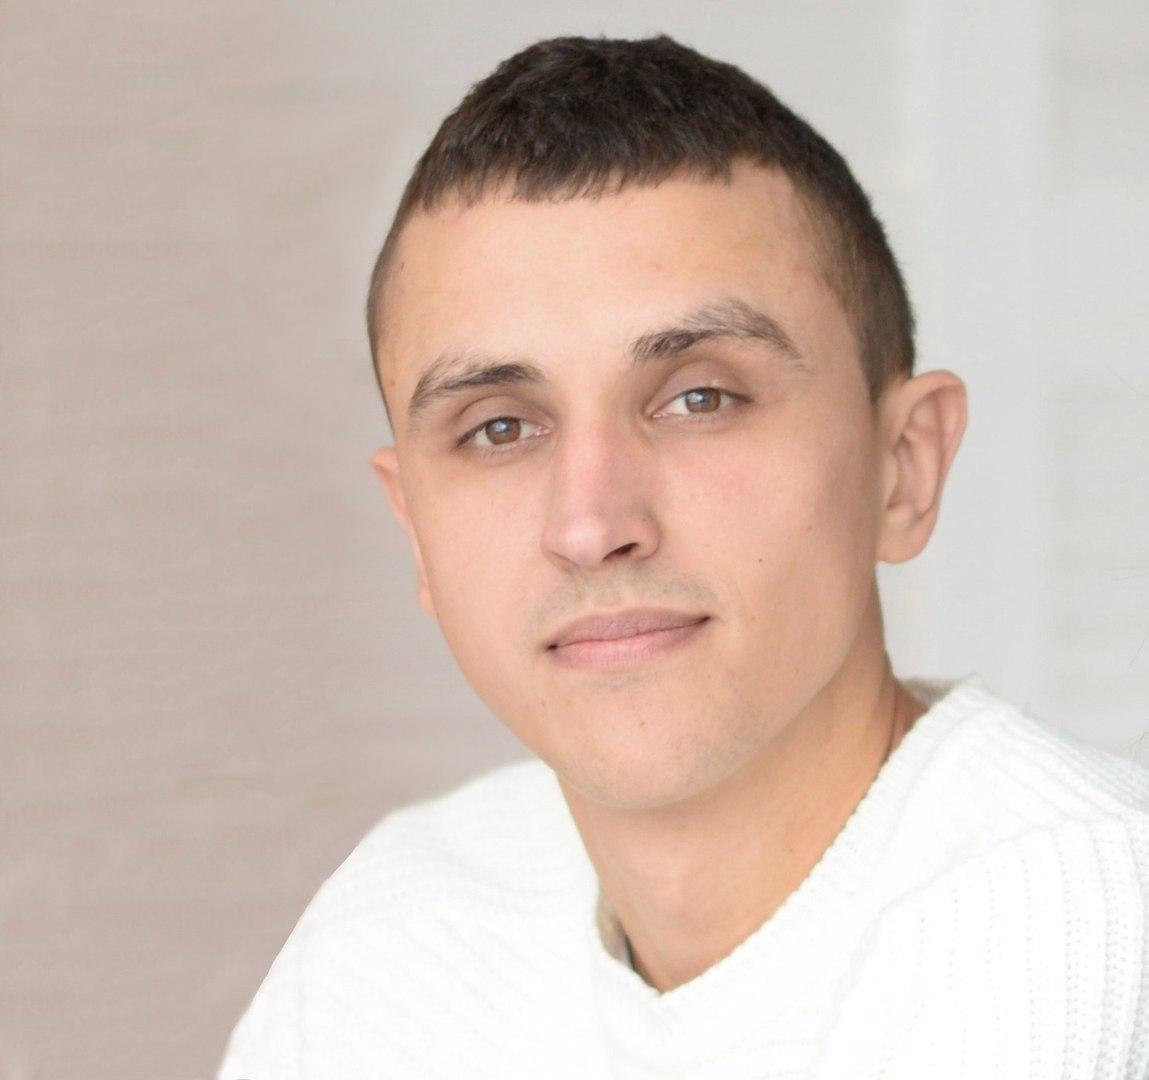 Максим Патера, Чортков - фото №2